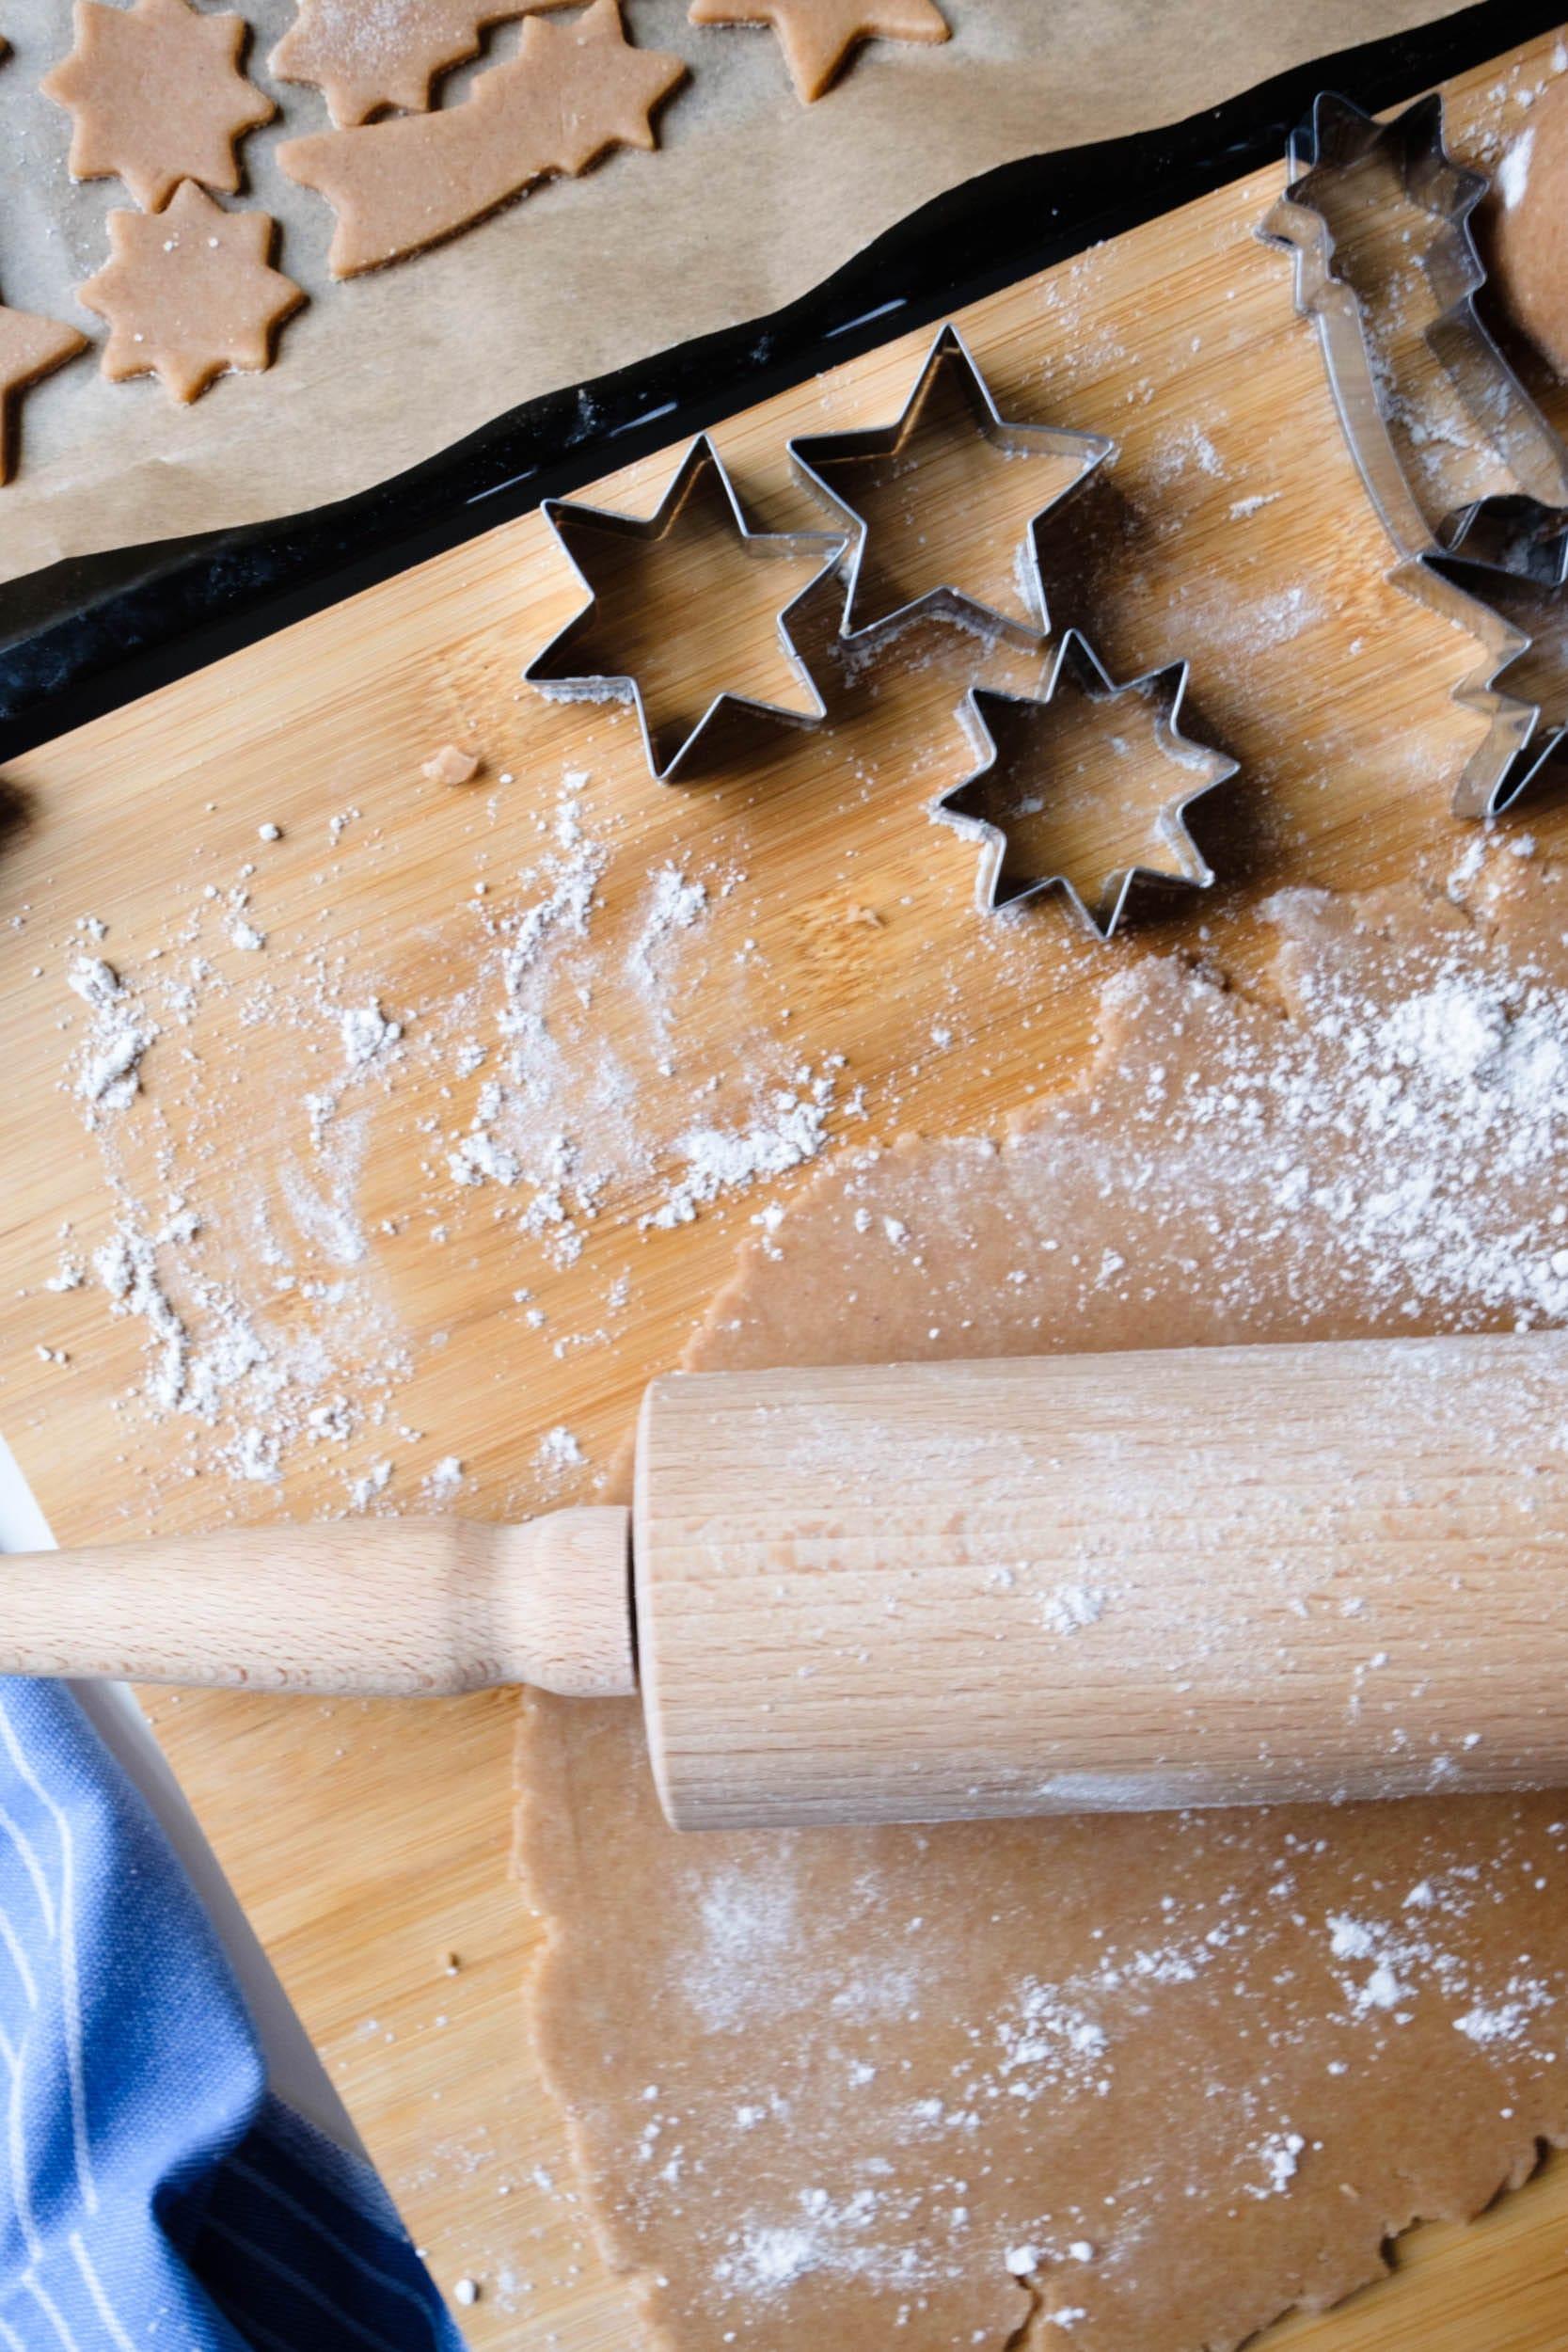 Gesunde & leckere Plätzchen | Kekse mit Dinkelmehl und Birkenzucker | Zuckerfrei | Rezept | Weihnachtsbäckerei | Backen für Kinder | #rezept #zuckerfrei #kekse #plätzchen #weichnachten #backen